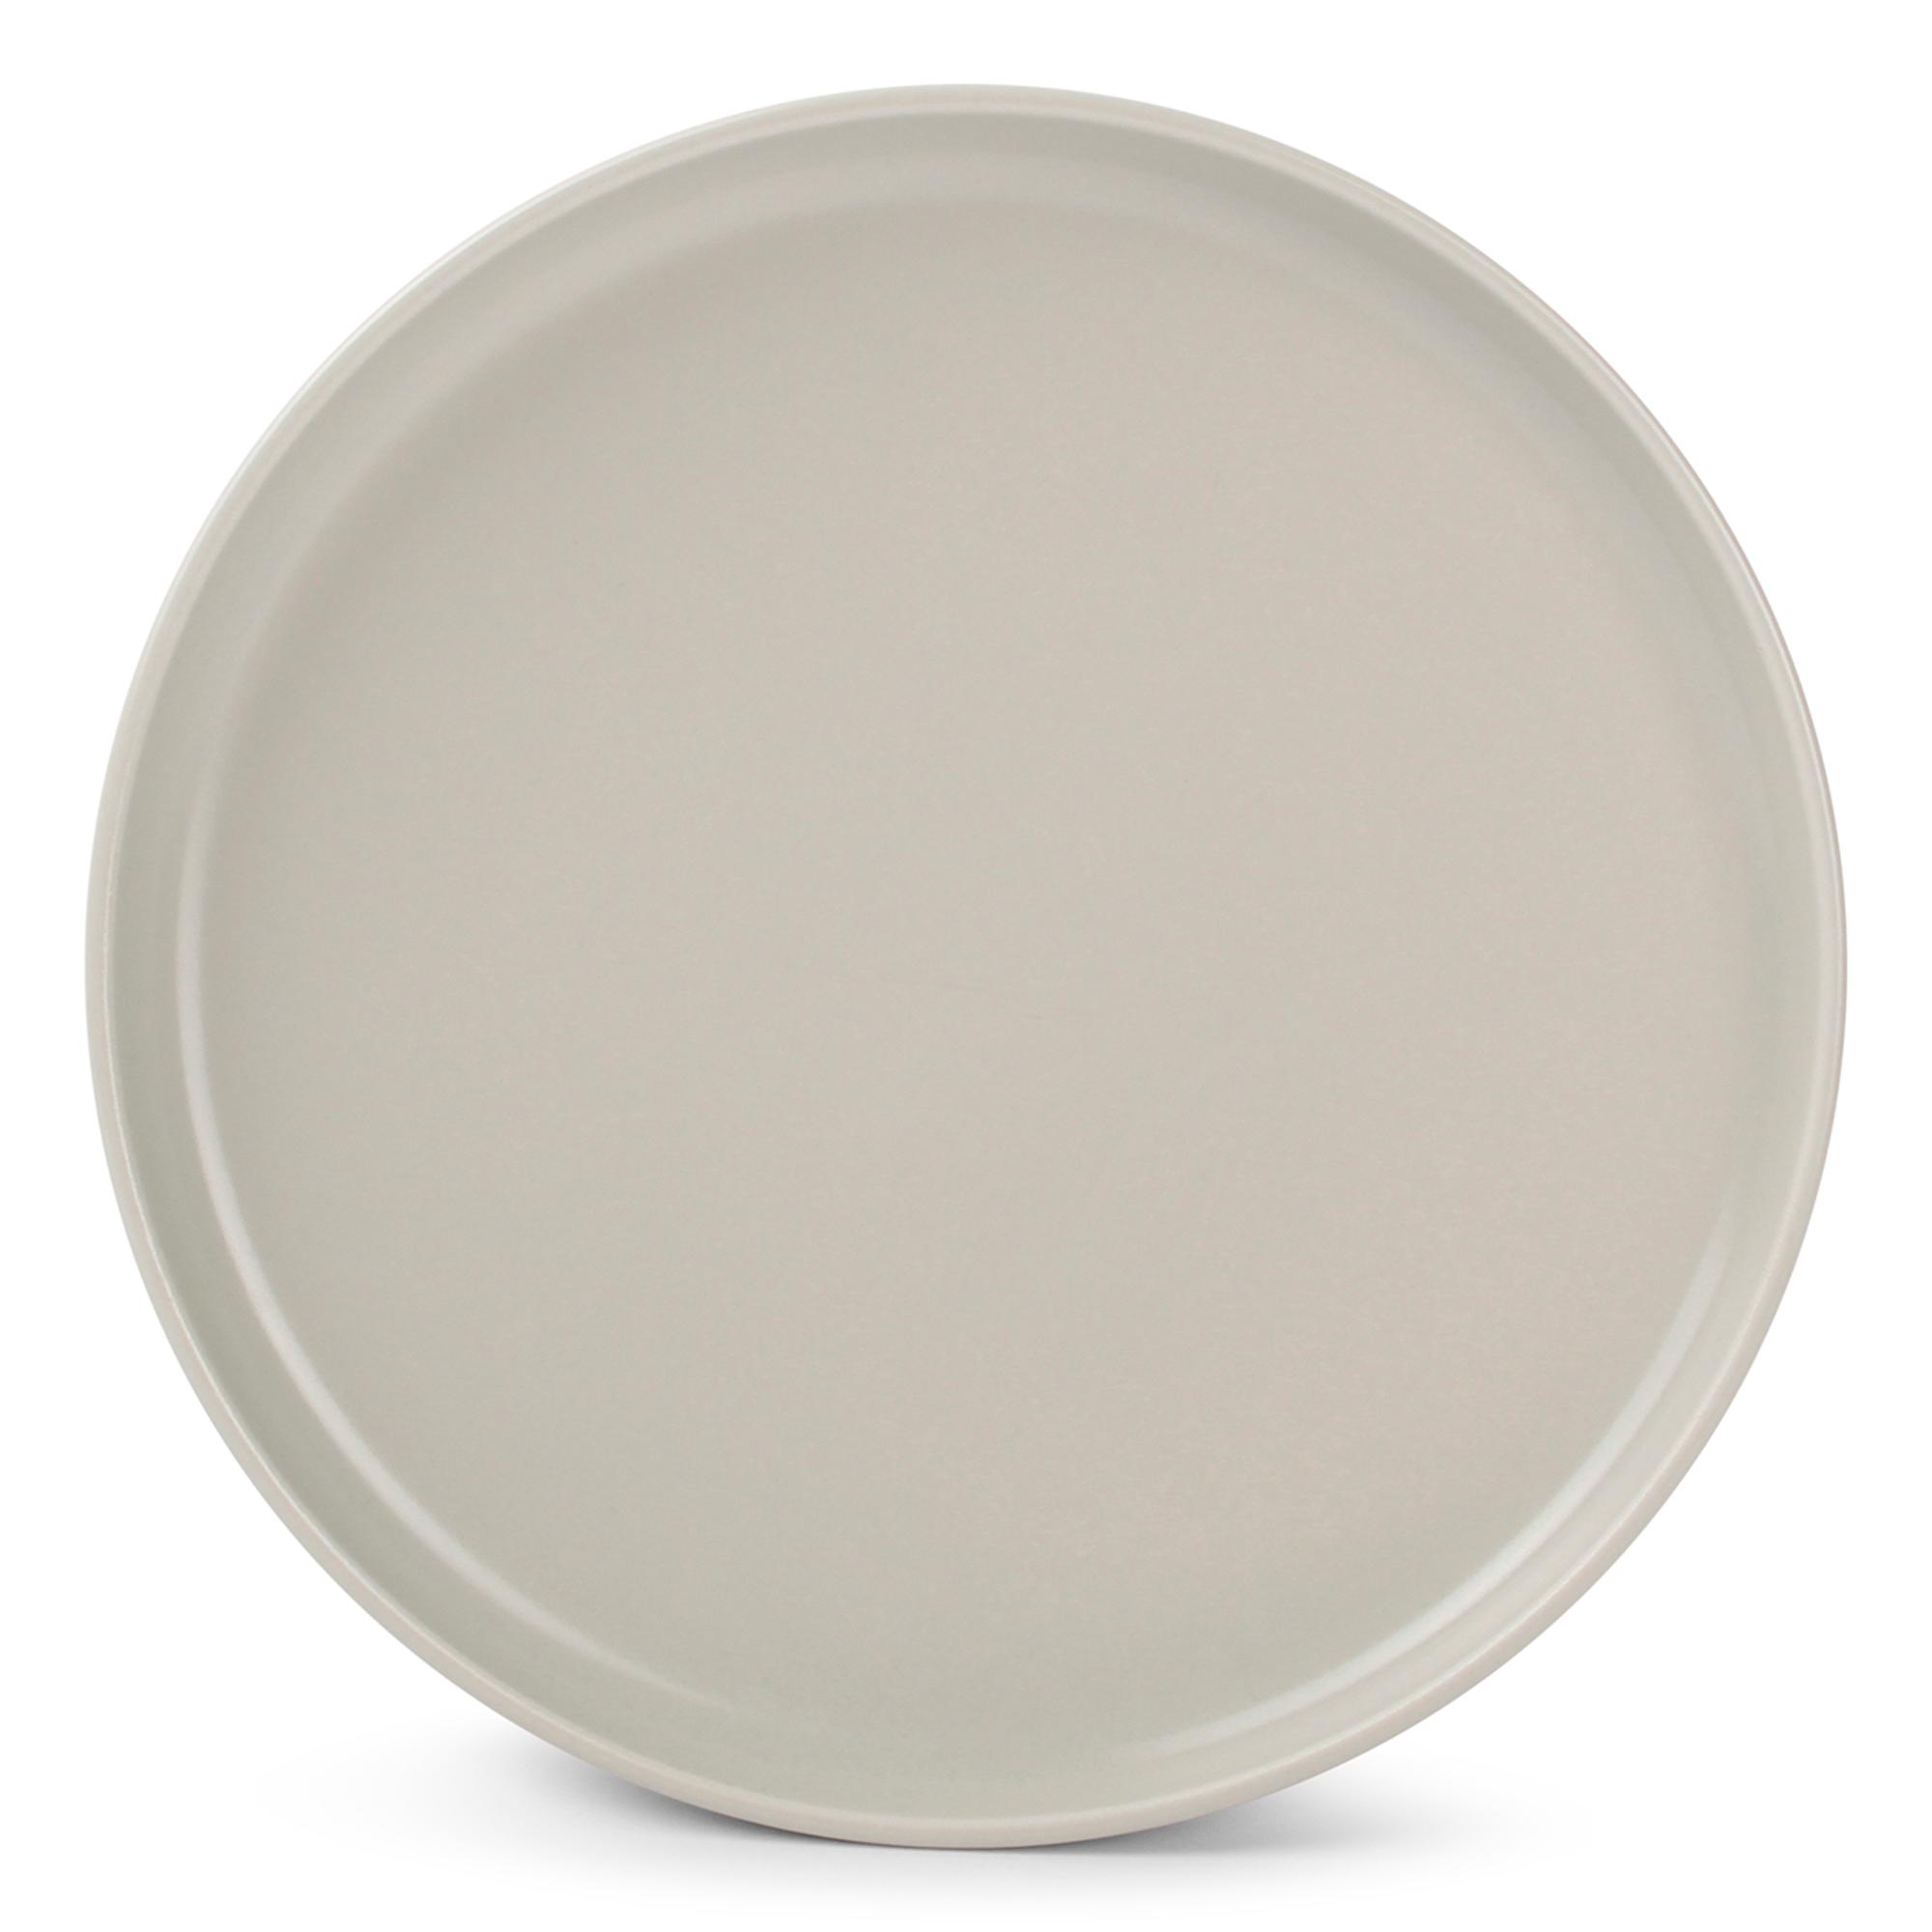 Lot de 6 - Assiette plate beige Ø 20cm